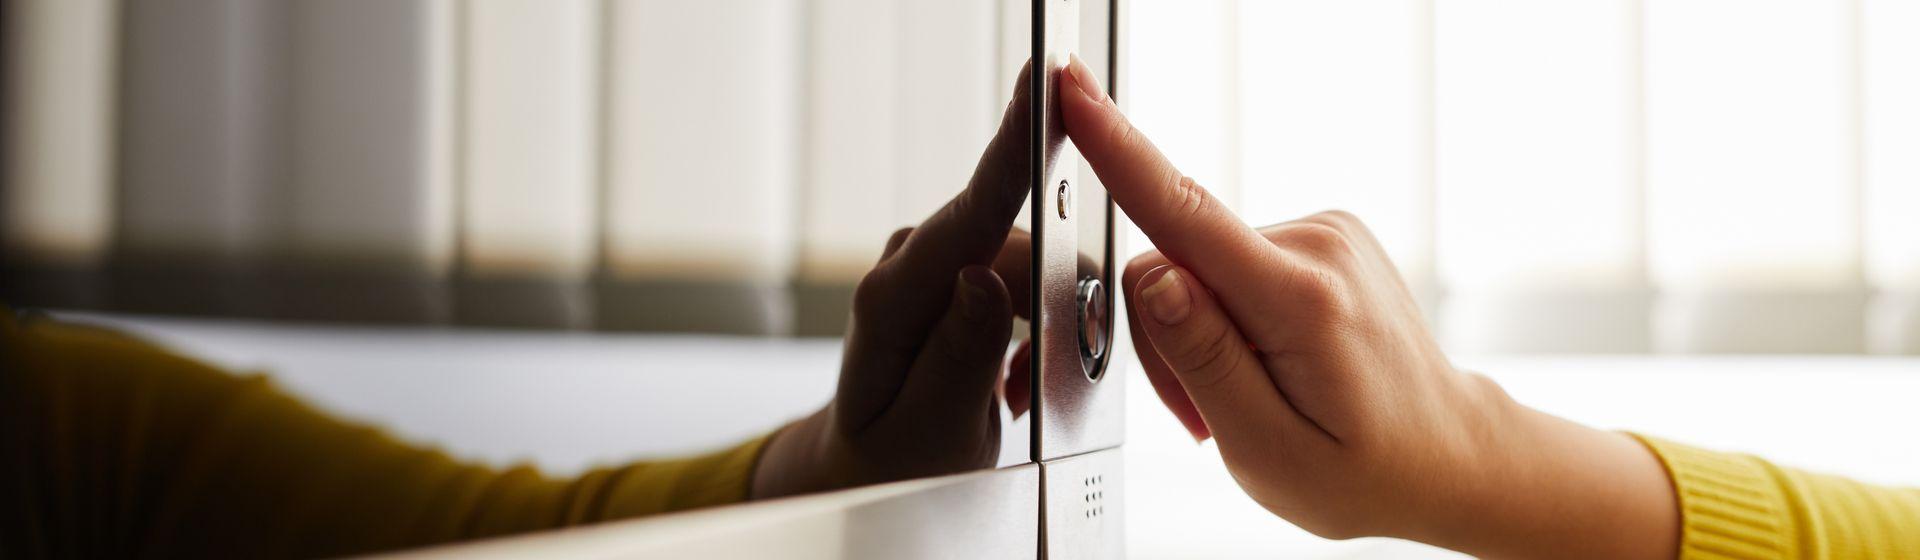 Posso colocar o micro-ondas em cima da geladeira?